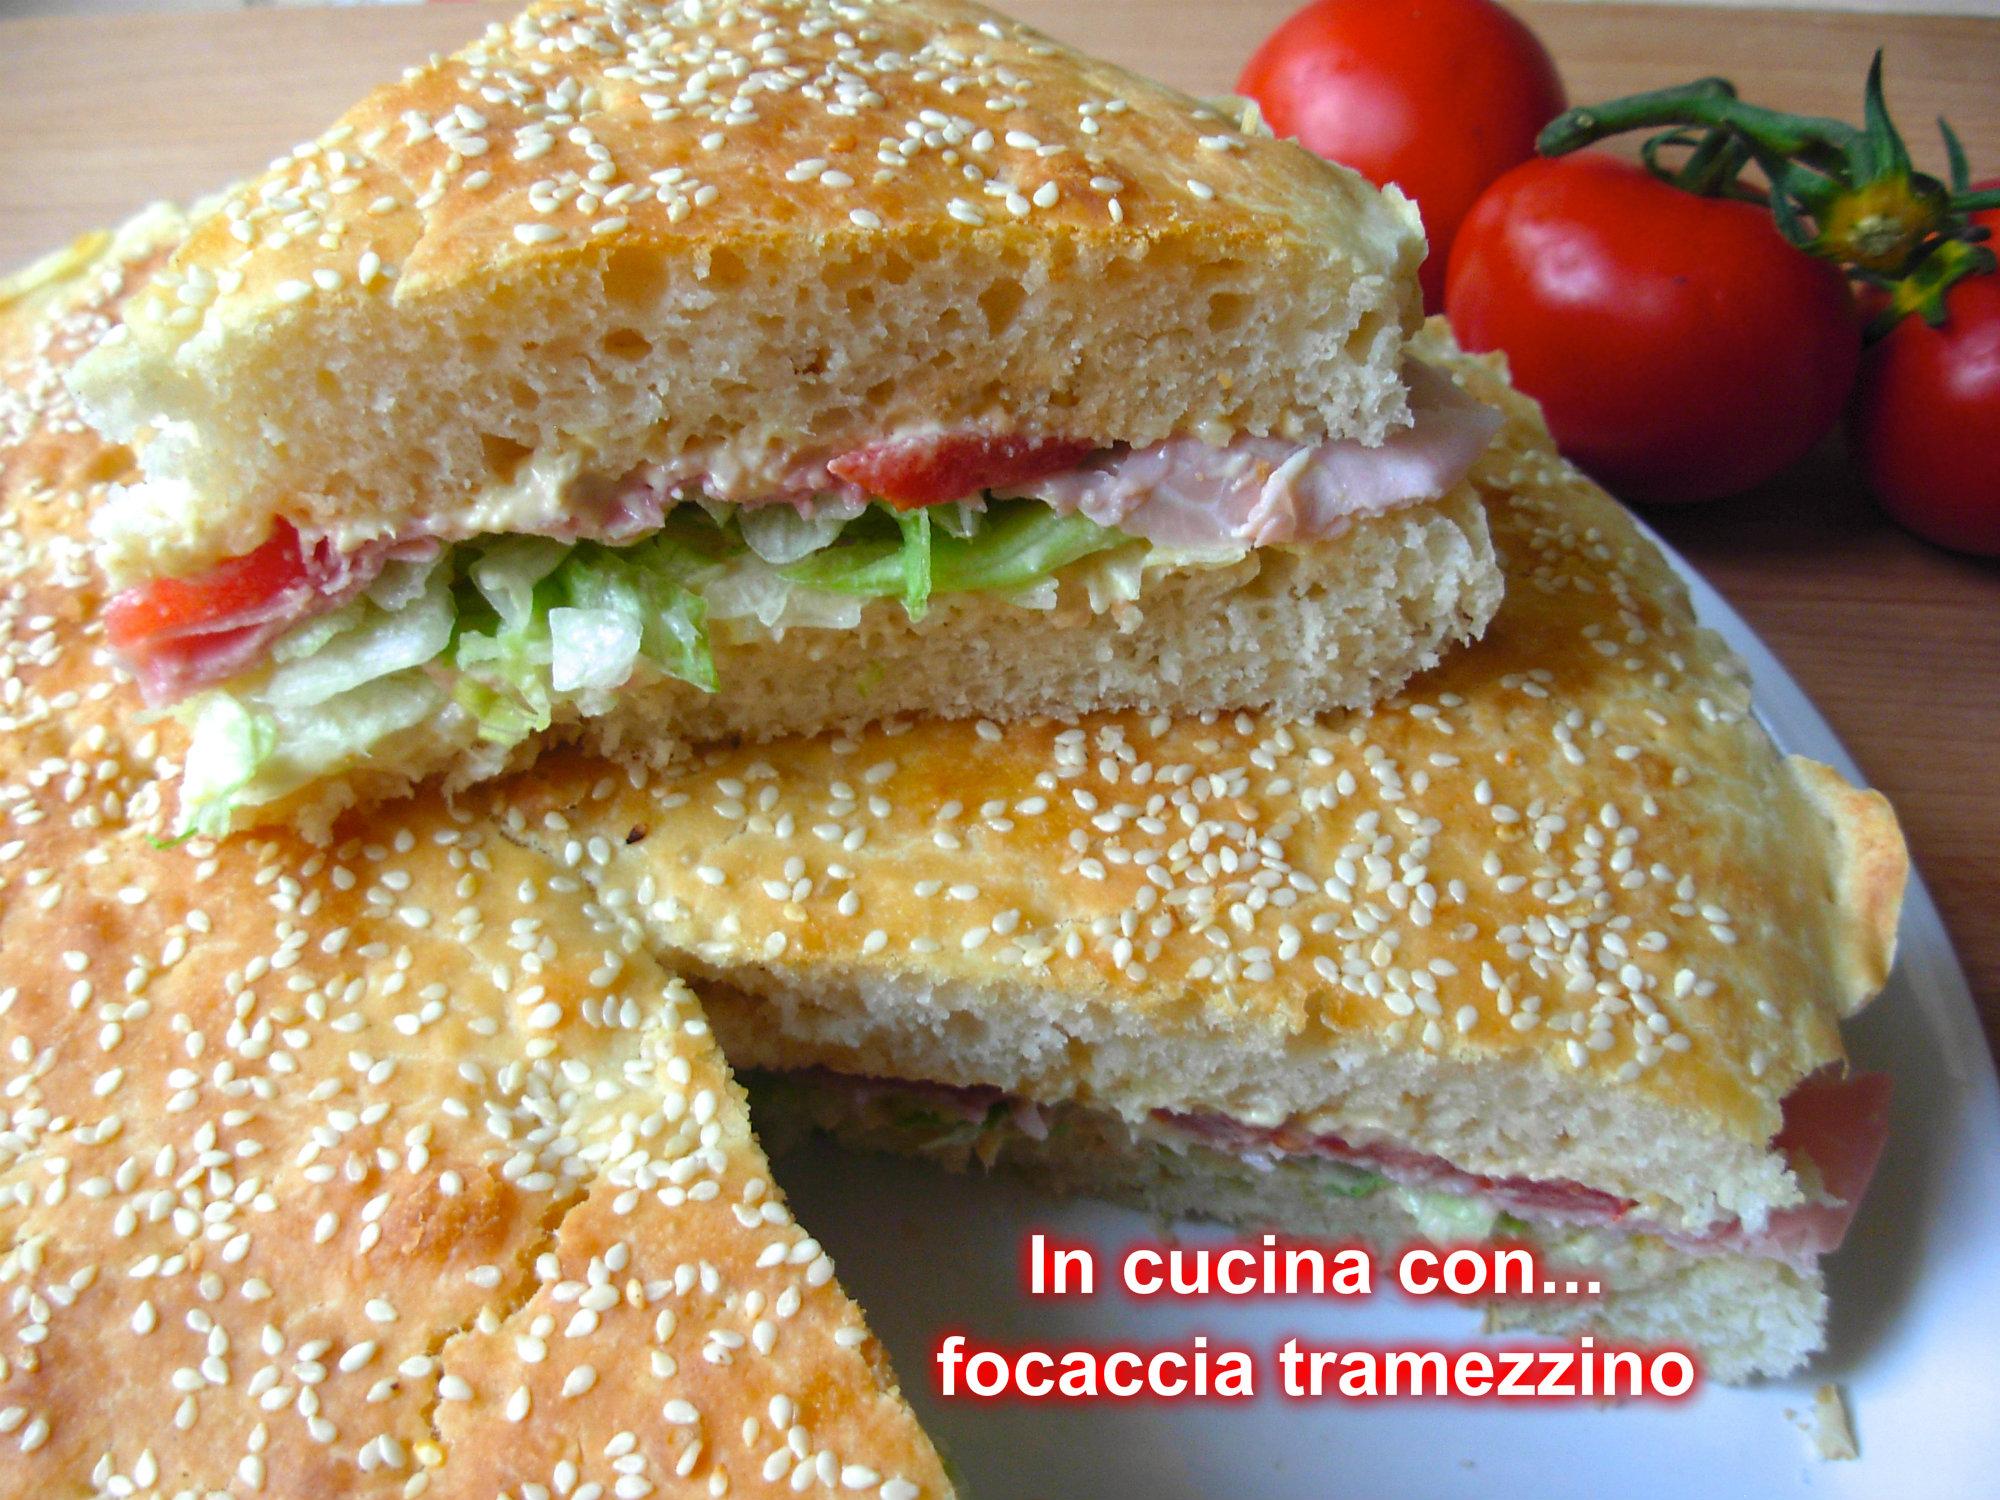 Focaccia Tramezzino Ricetta Bimby In Cucina Con Marta Maria